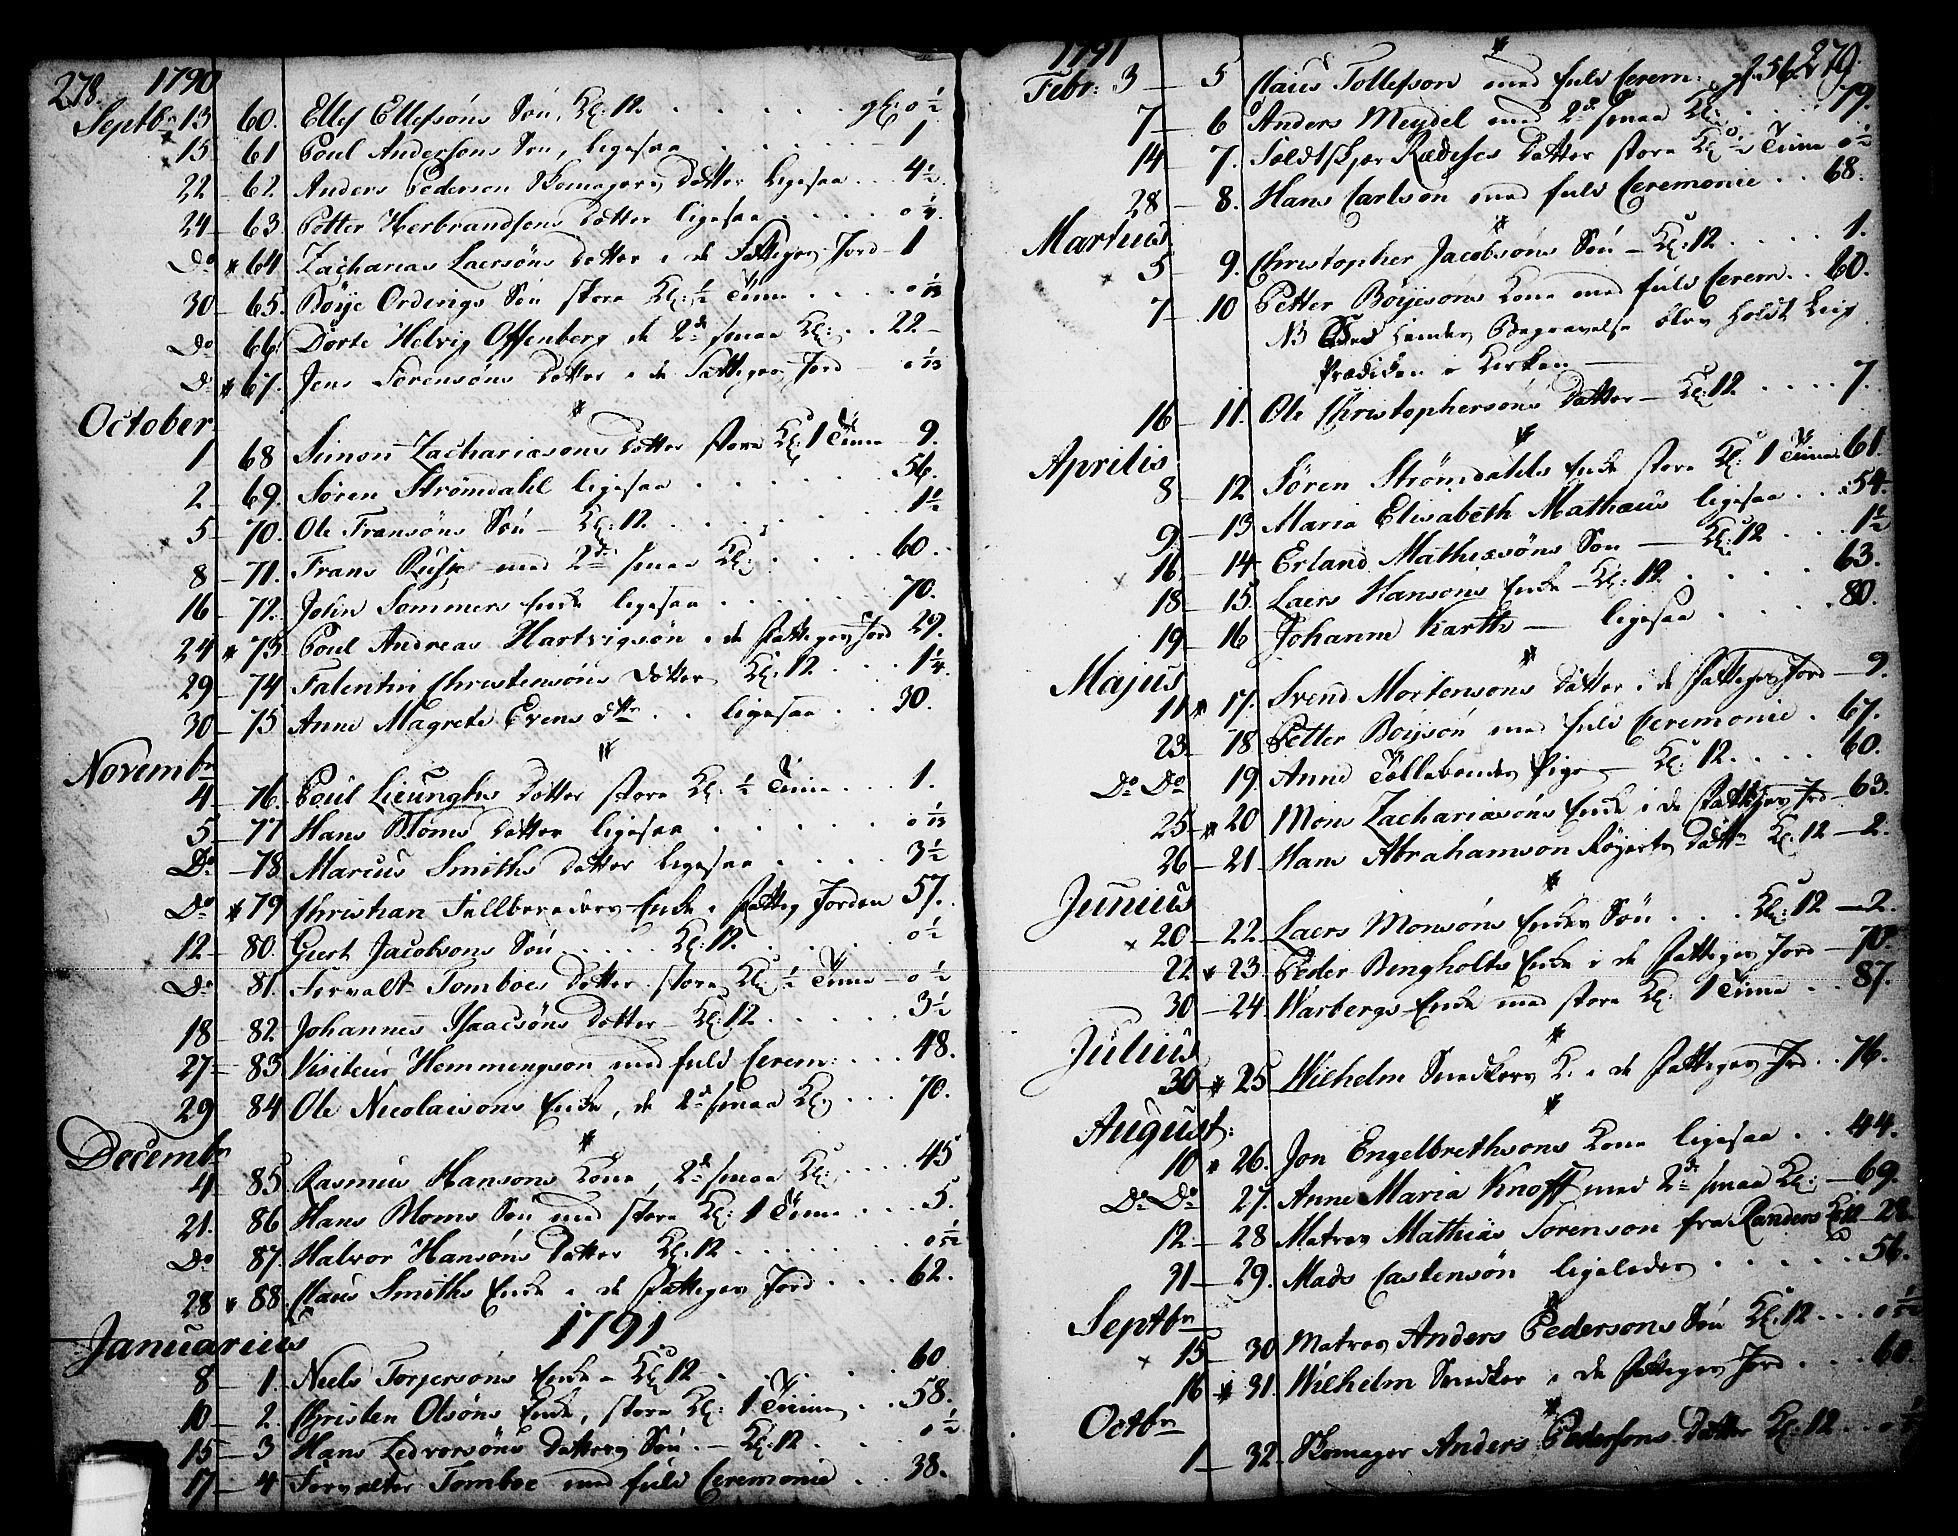 SAKO, Skien kirkebøker, F/Fa/L0003: Ministerialbok nr. 3, 1755-1791, s. 278-279